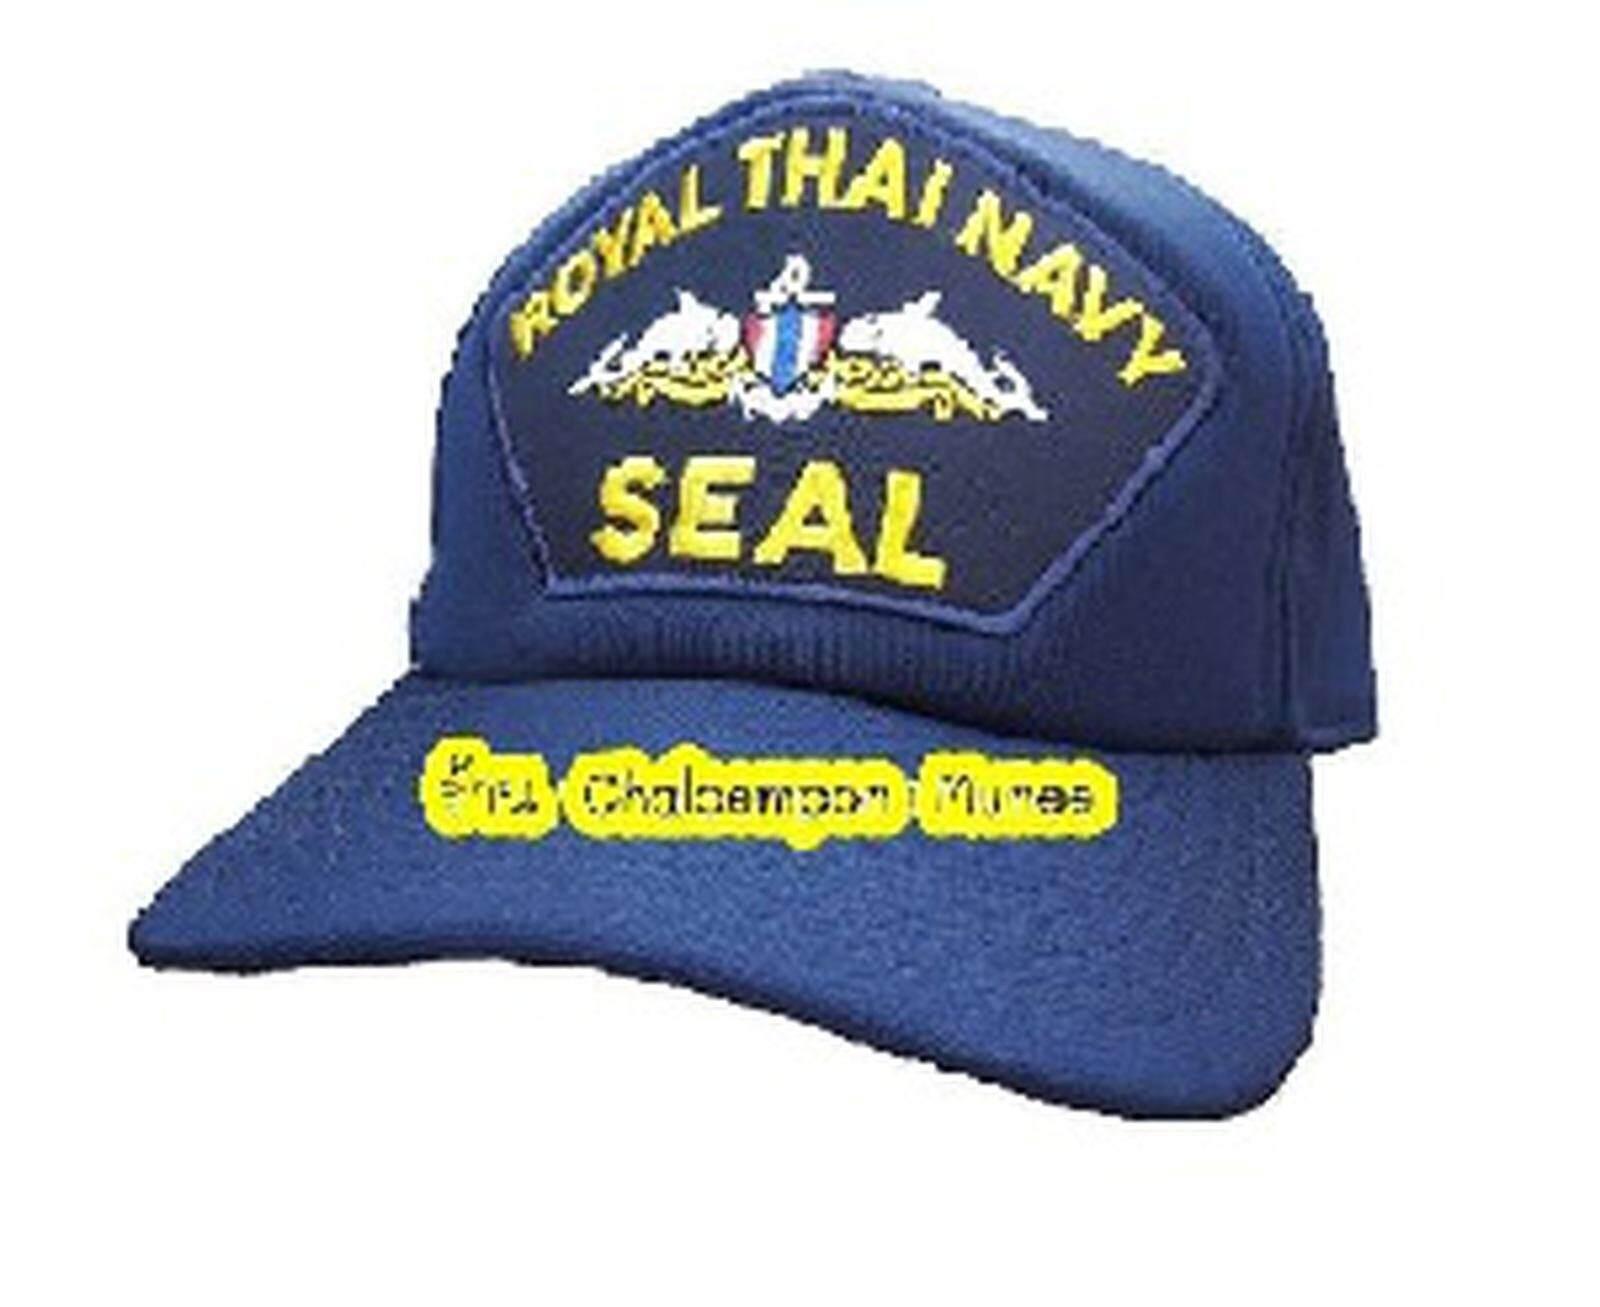 ราคา หมวก Royal Thai Navy Seal มนุษย์กบ ไม่มีช่อ ใหม่